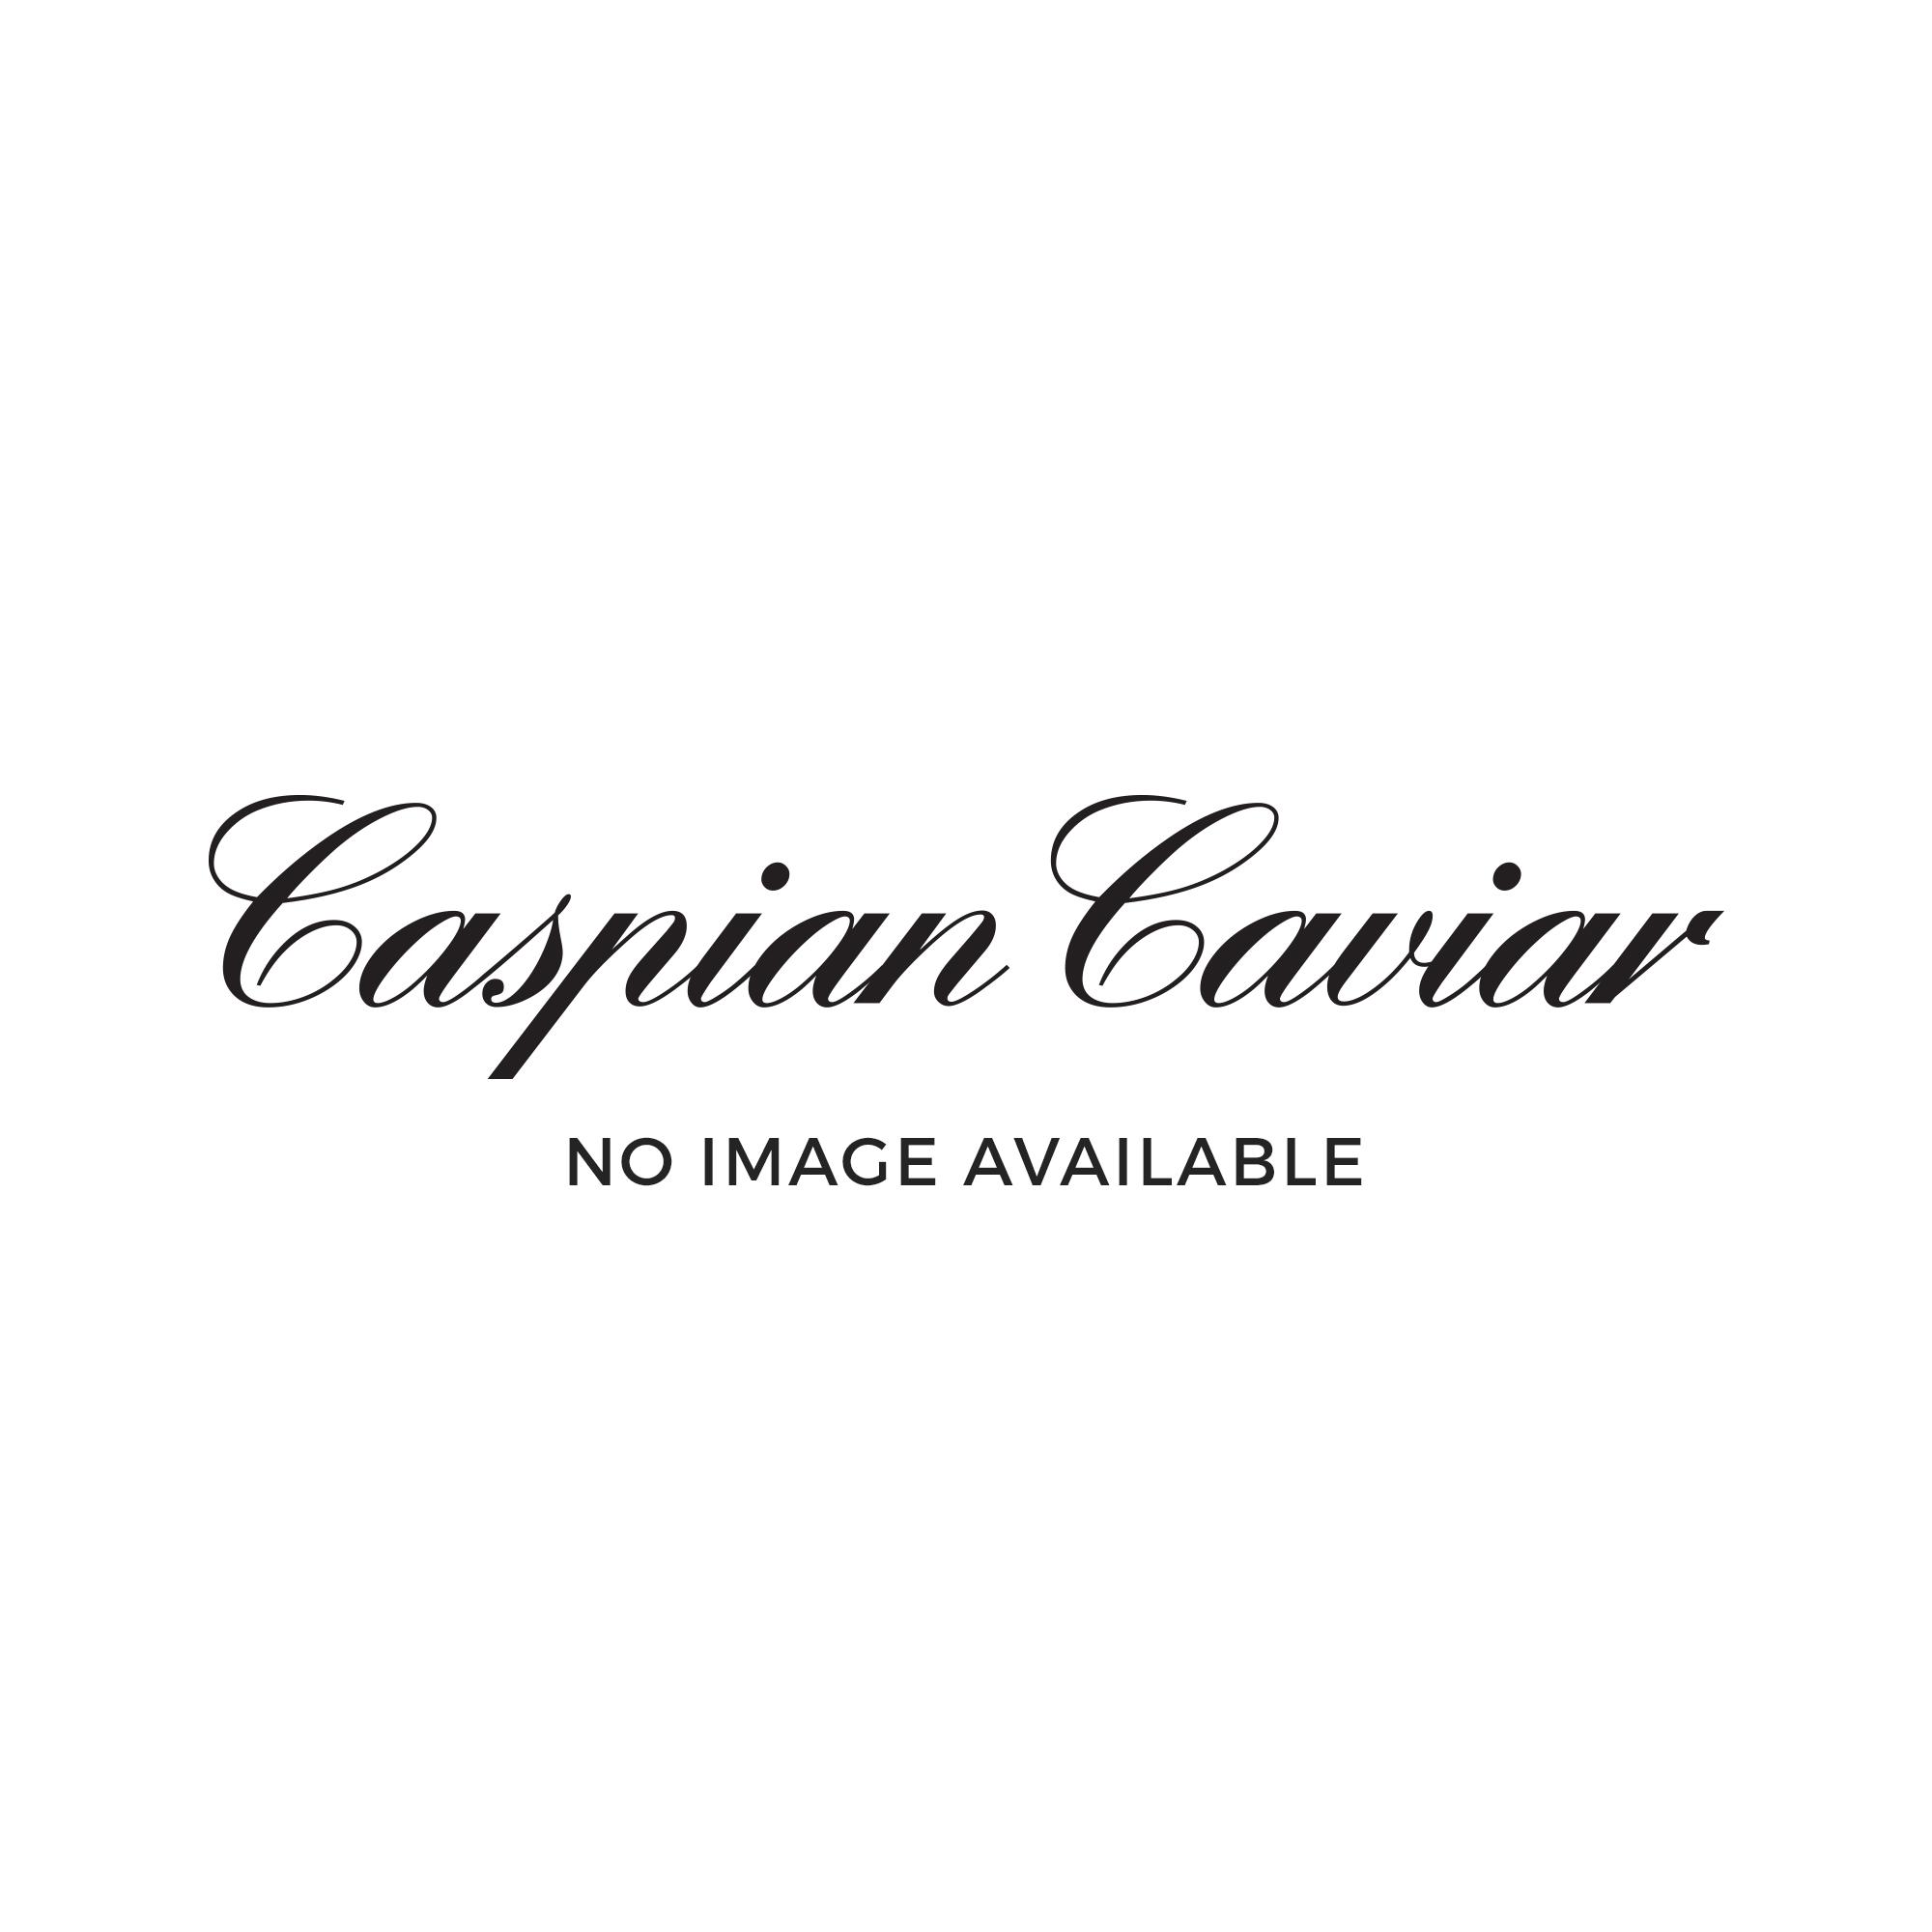 Caspian Caviar Special Reserve Beluga (Huso Huso) Caviar 250g